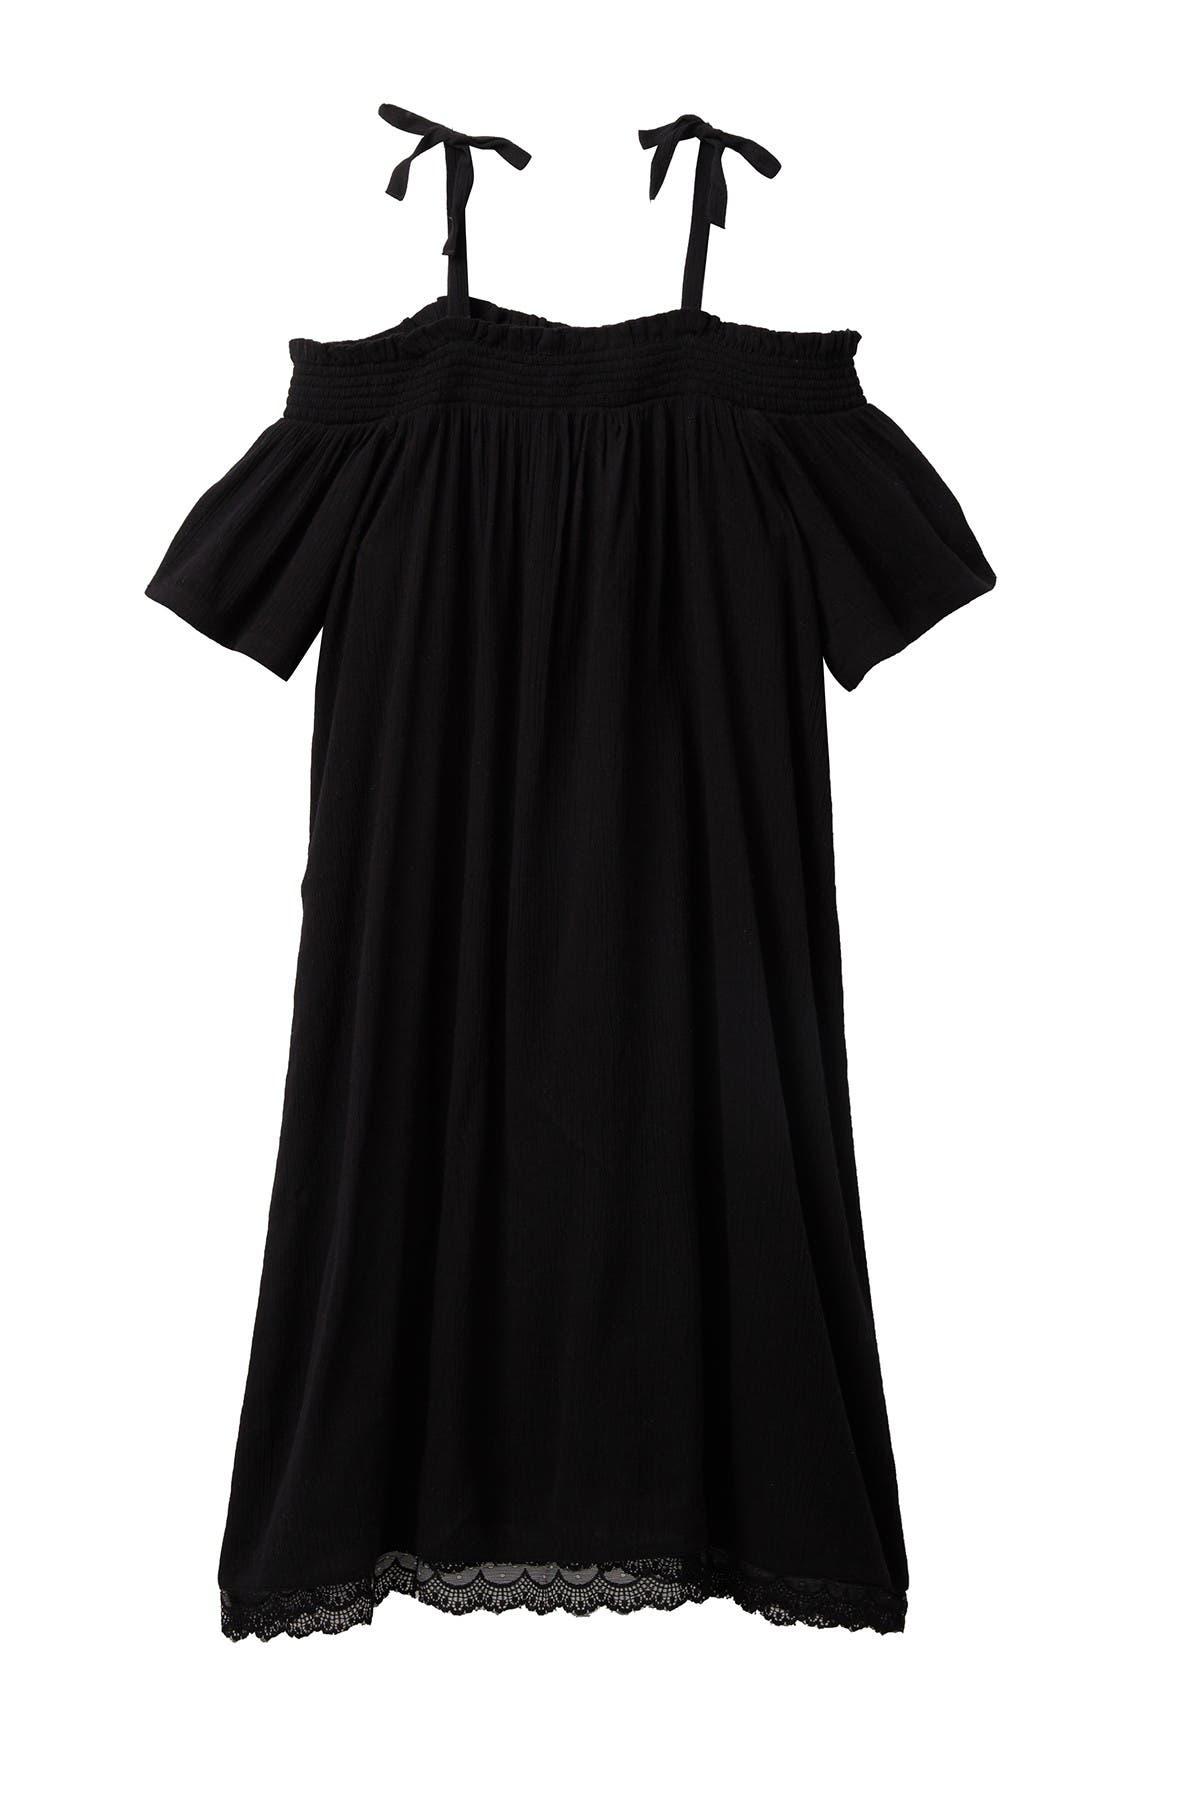 Image of Harper Canyon Off-the-Shoulder Smock Dress